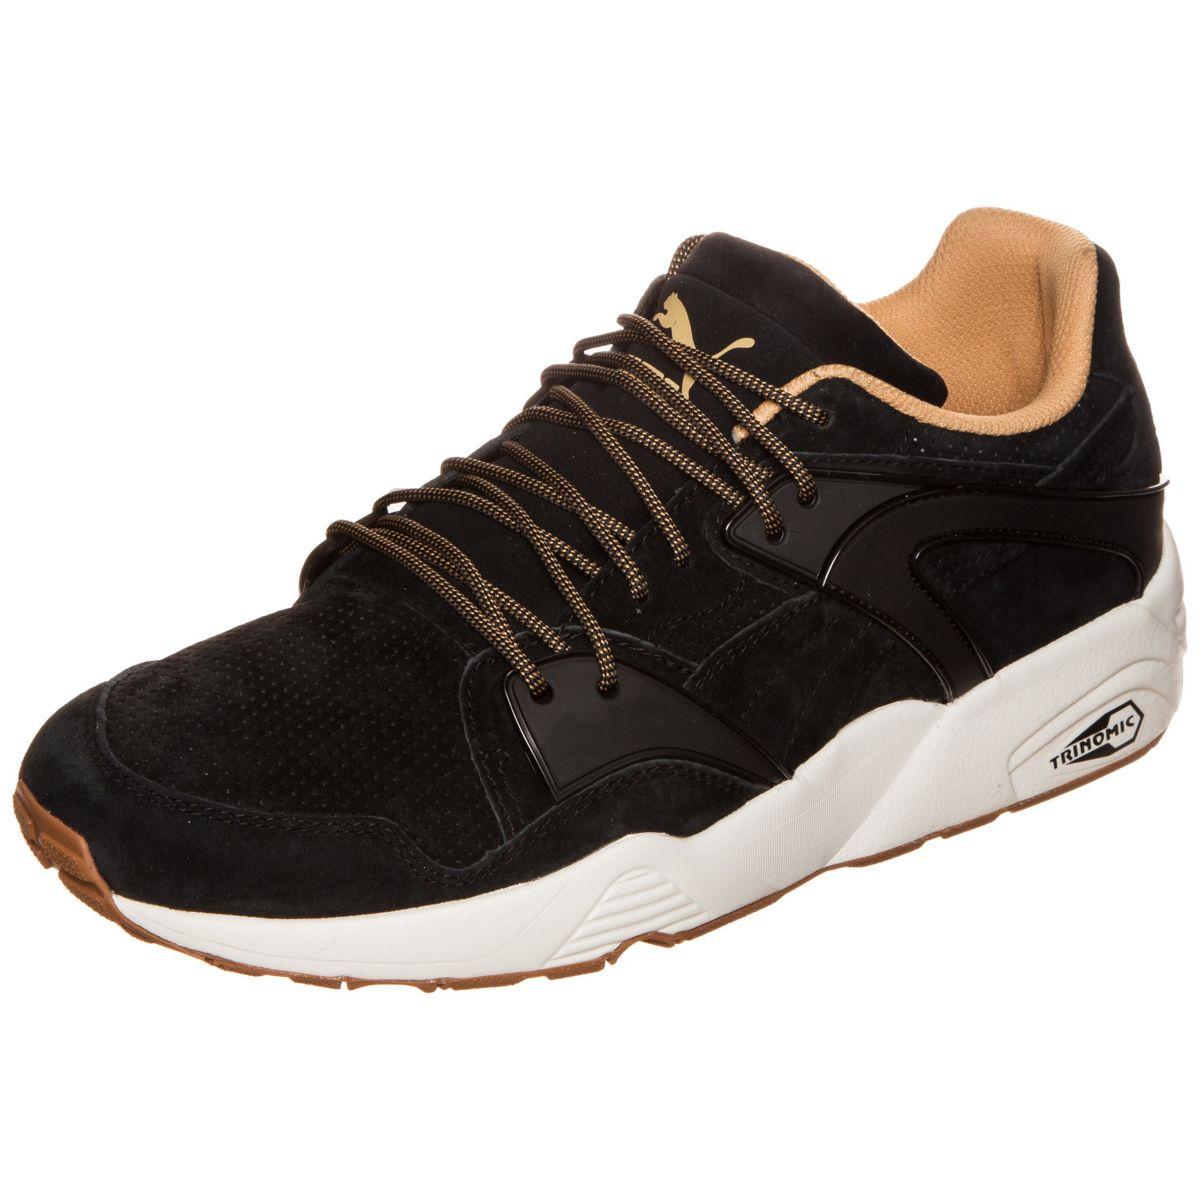 PUMA Trinomic Blaze Winterized Sneaker Herren